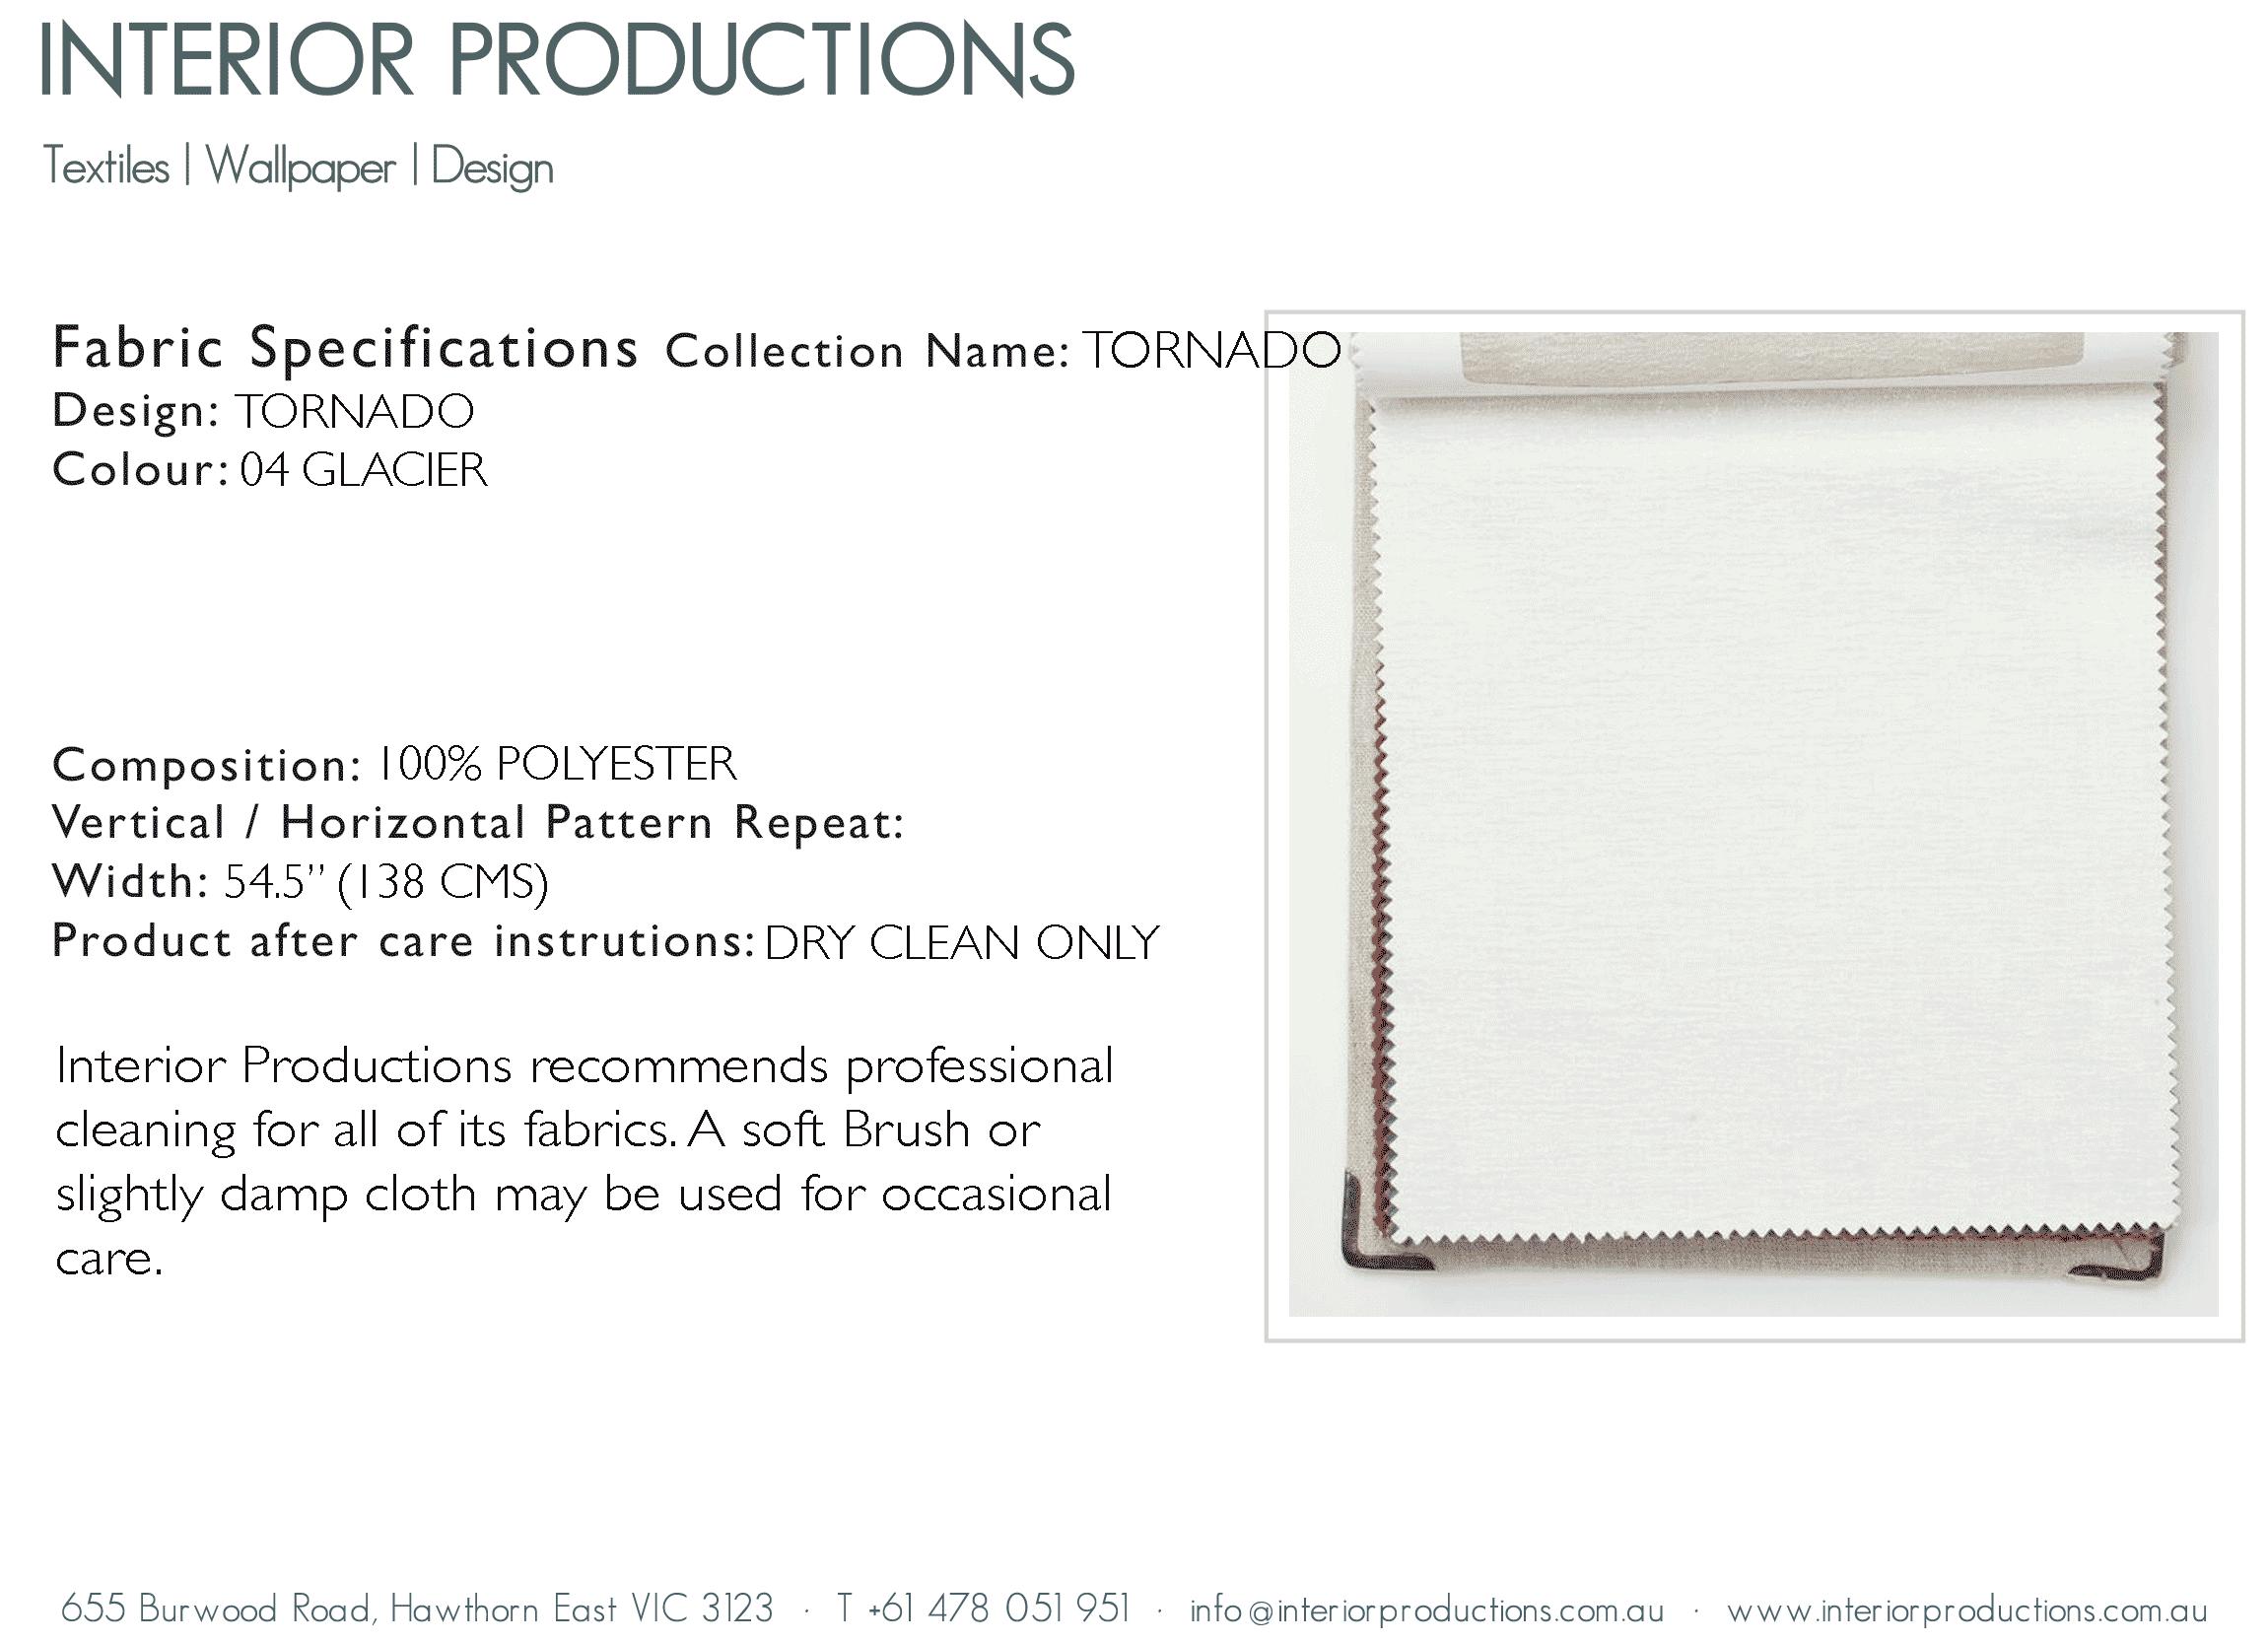 interior_productions_TORNADO---04-GLACIER